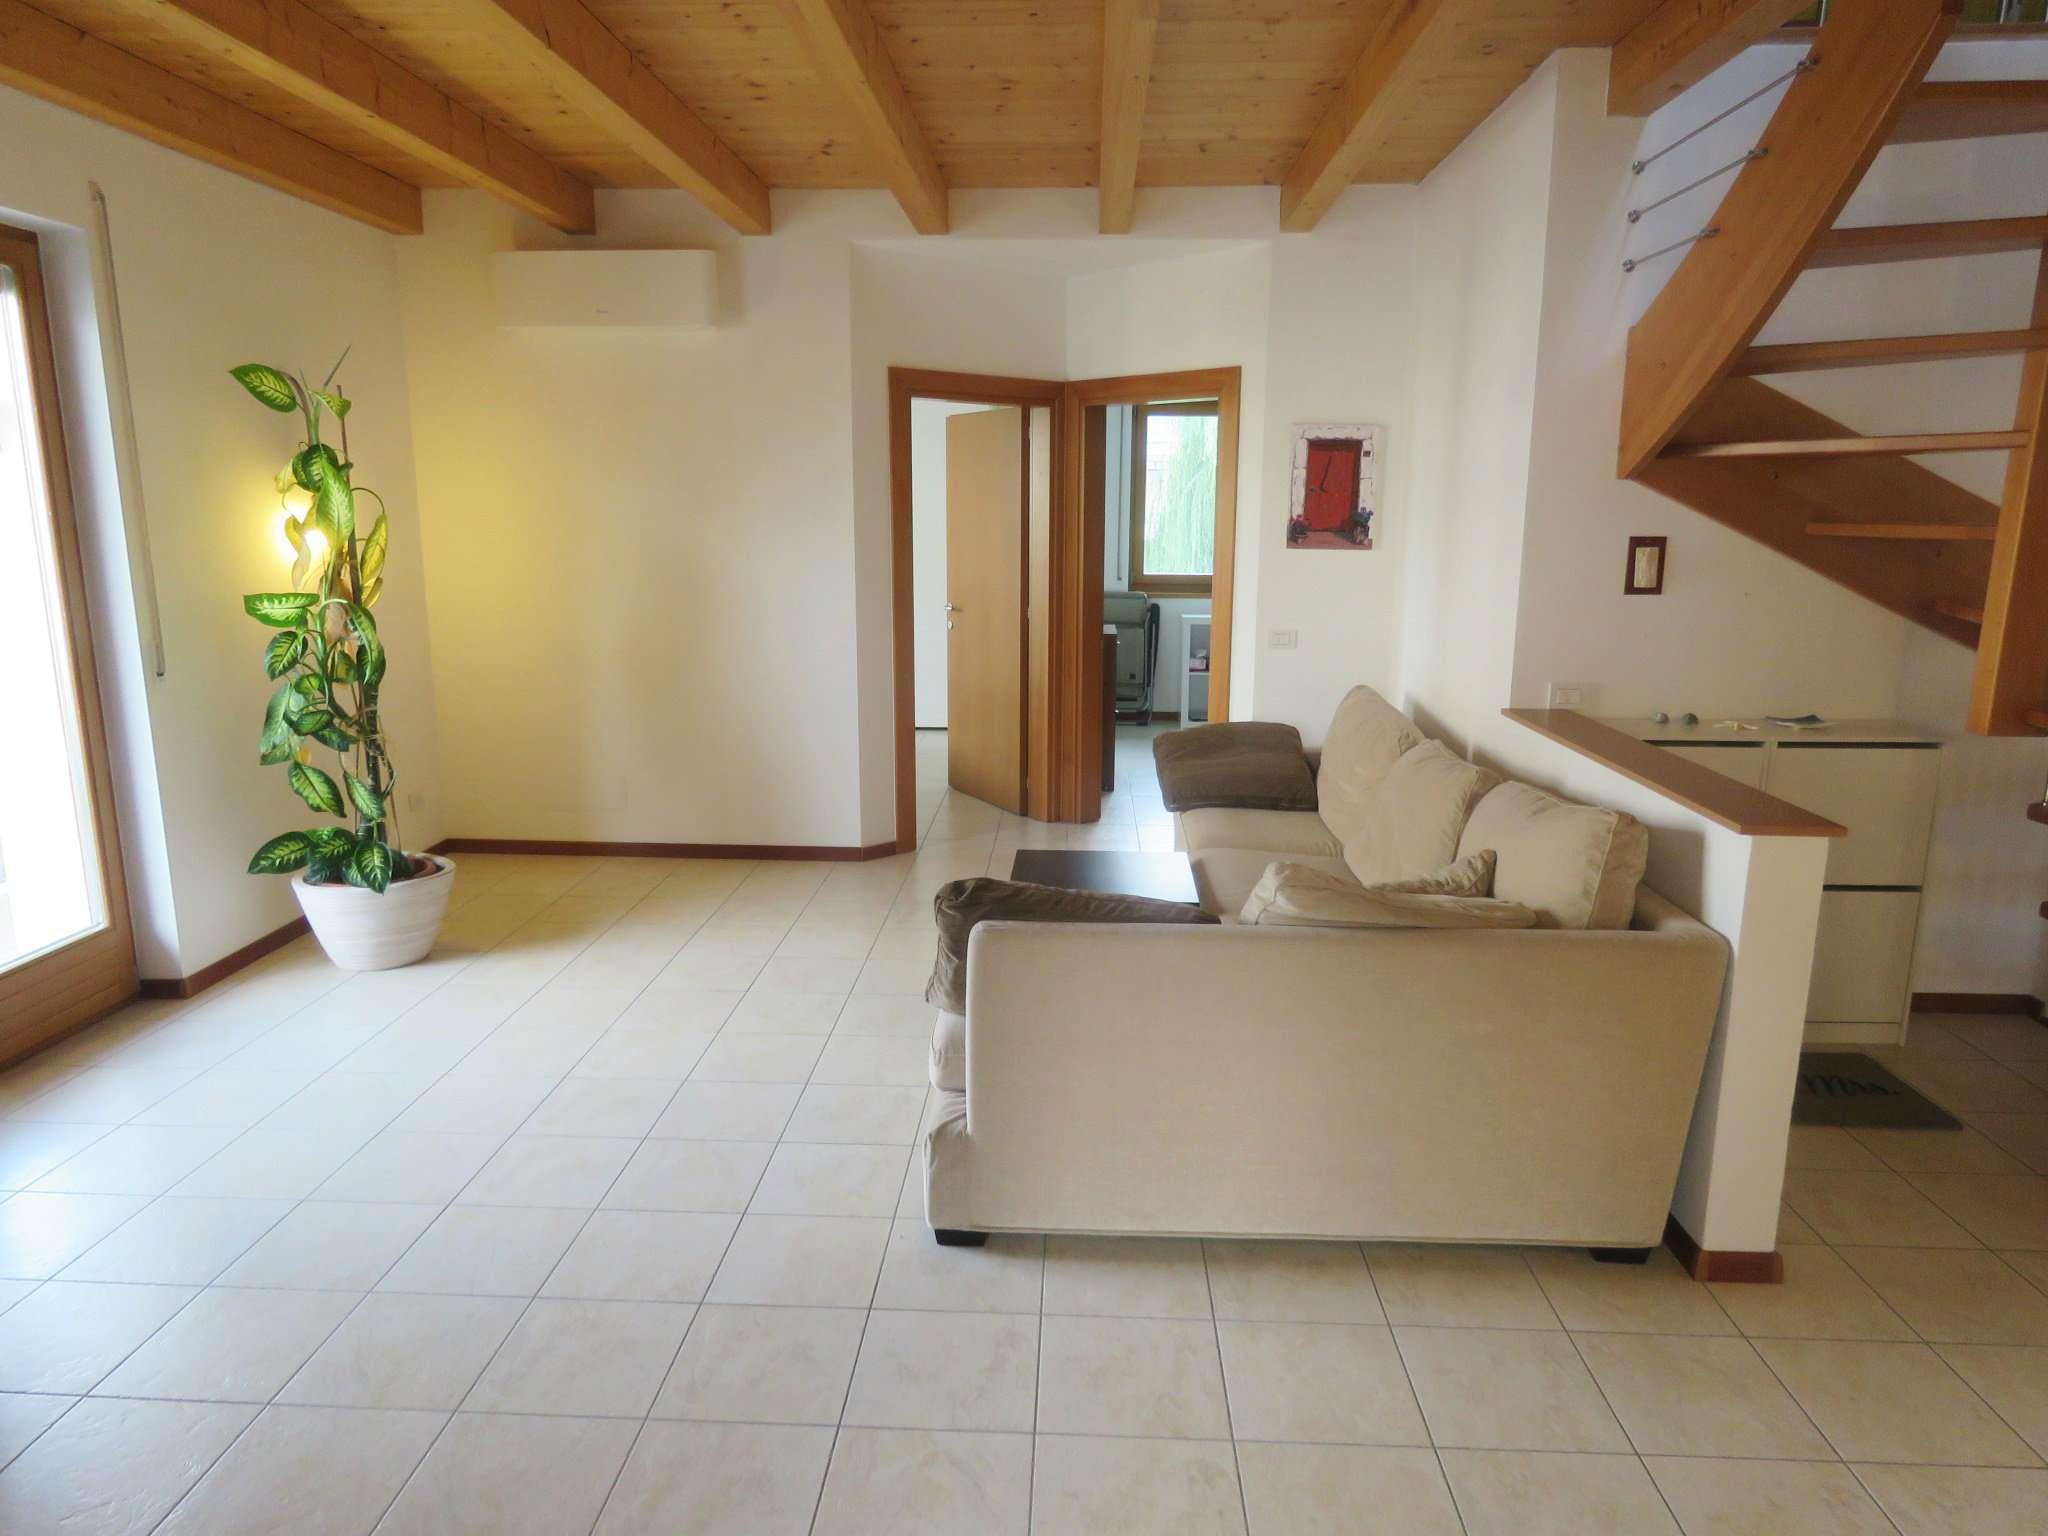 Attico / Mansarda in vendita a Salorno, 3 locali, prezzo € 250.000 | Cambio Casa.it